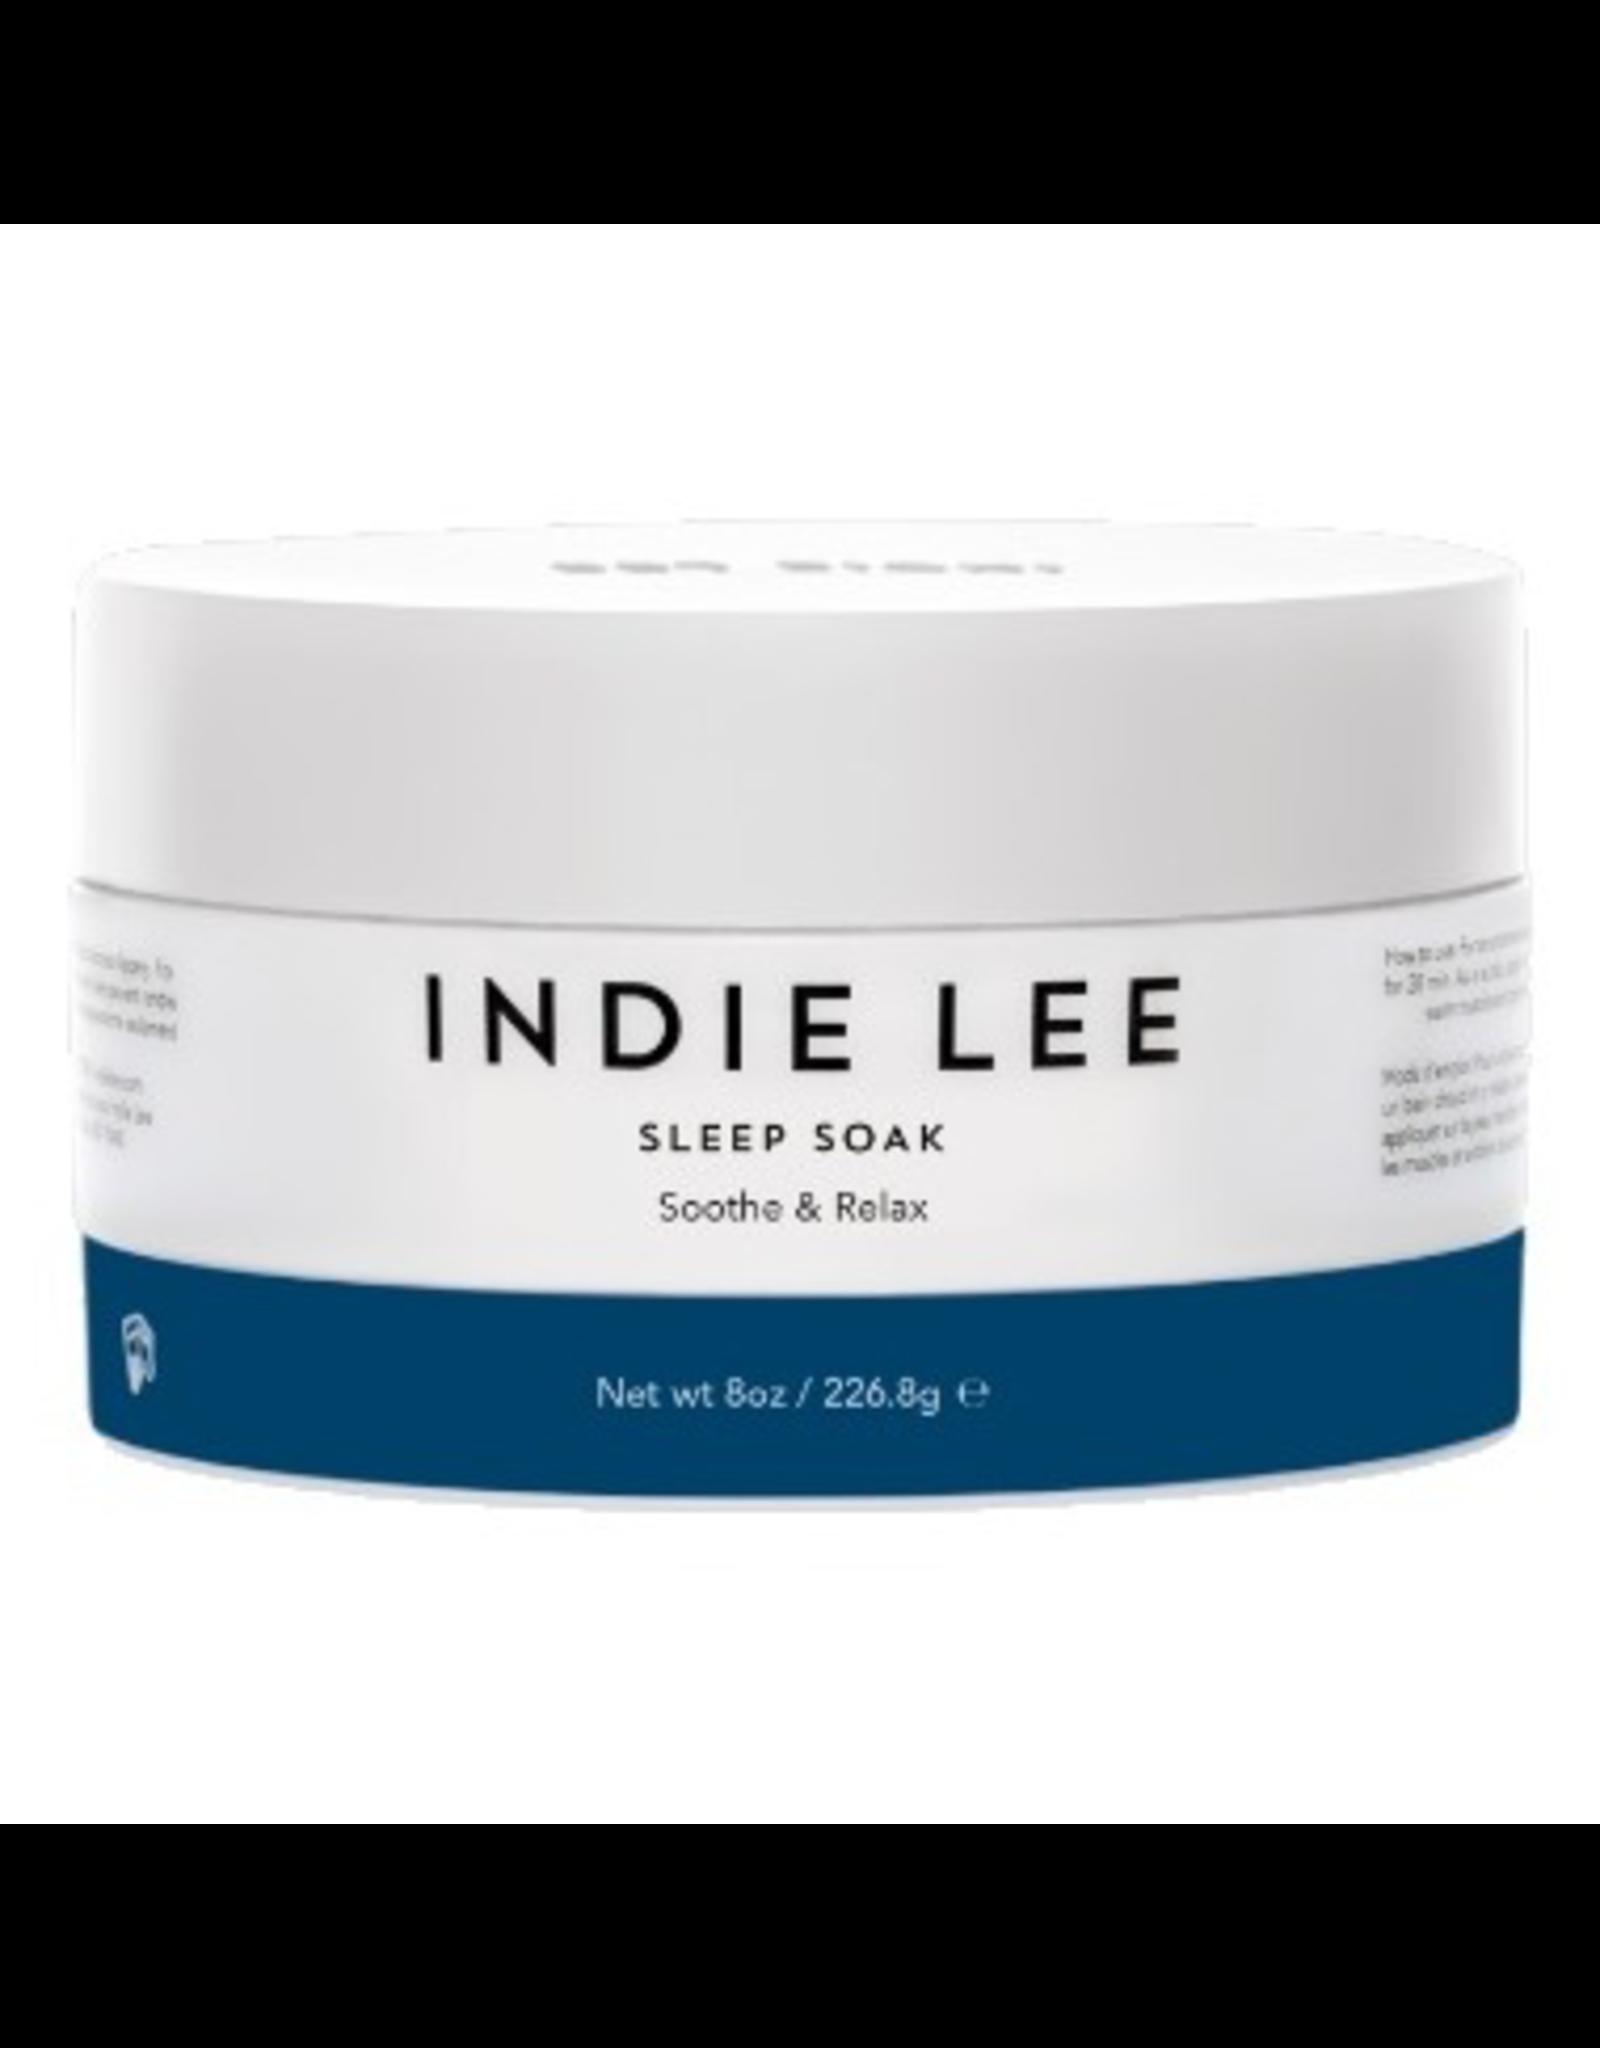 INDIE LEE Sleep Soak